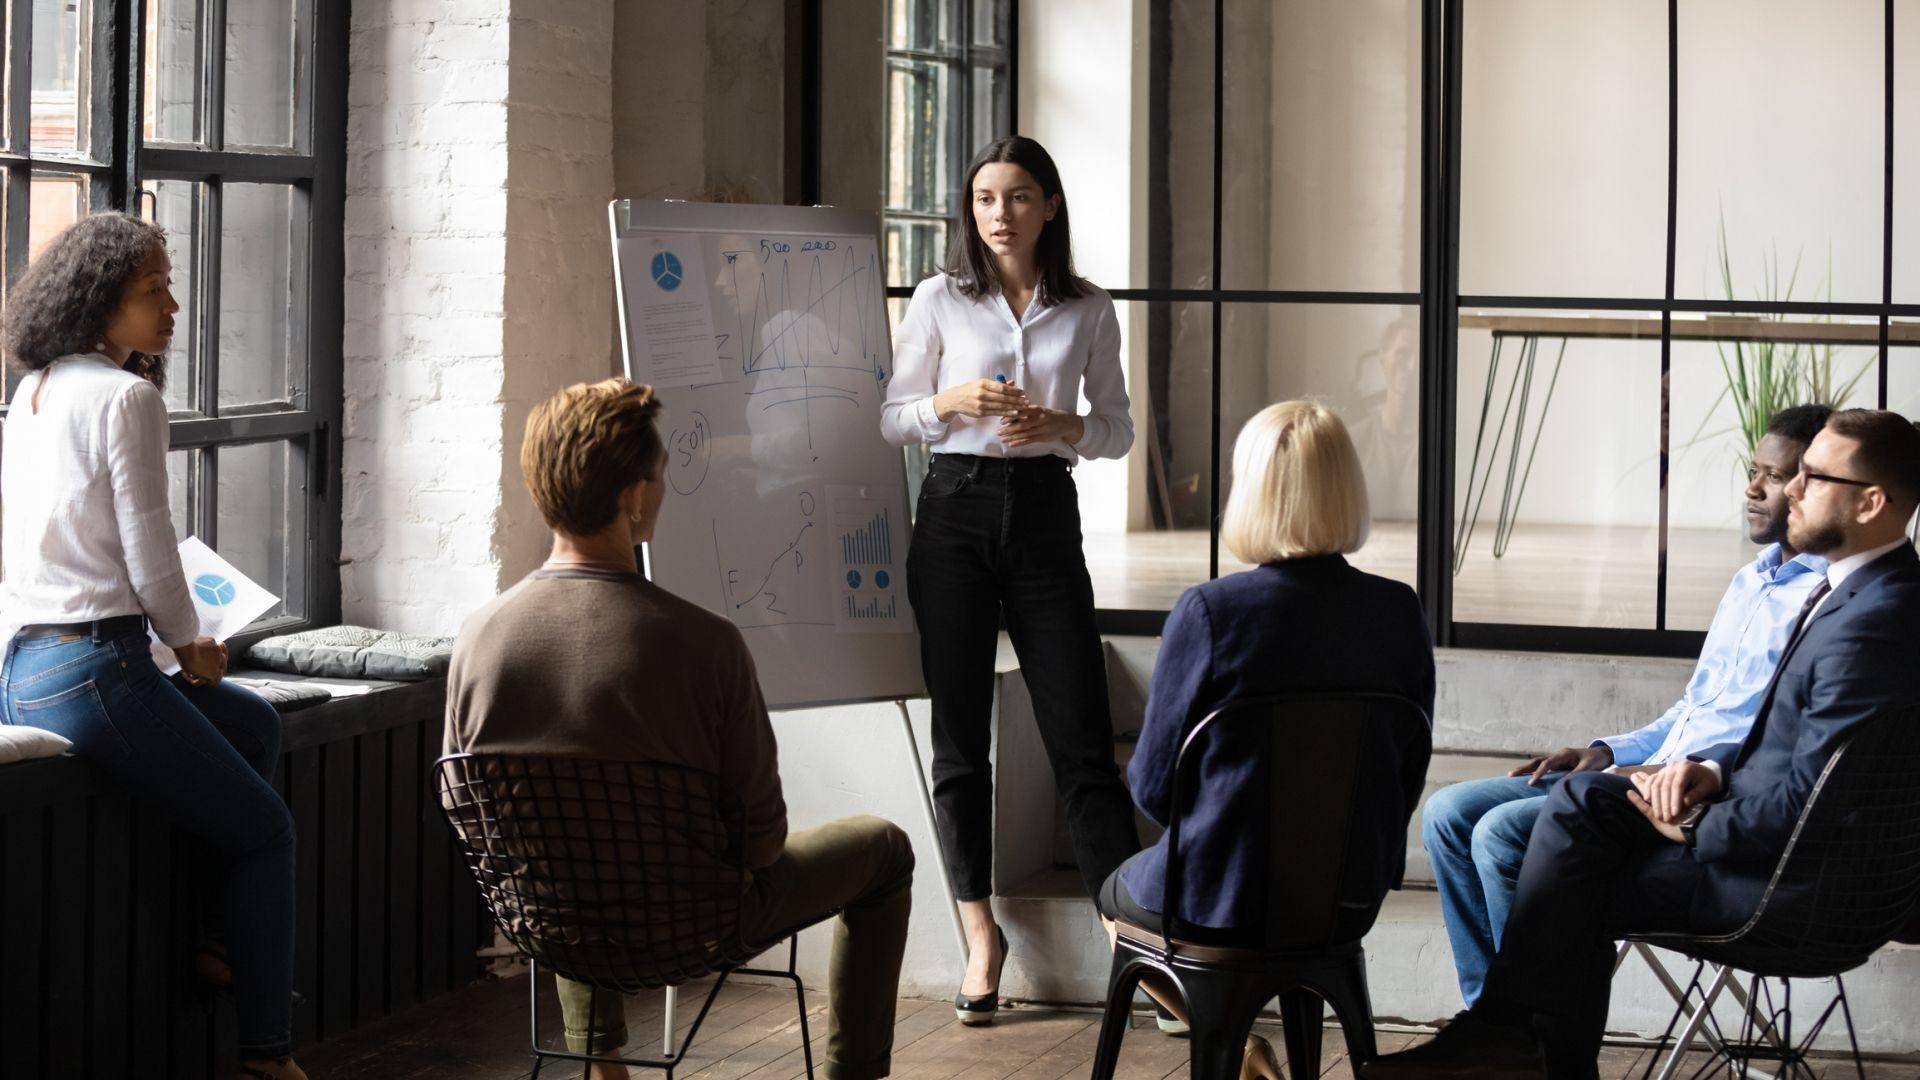 El trabajo en equipo: un elemento clave para el éxito de una empresa